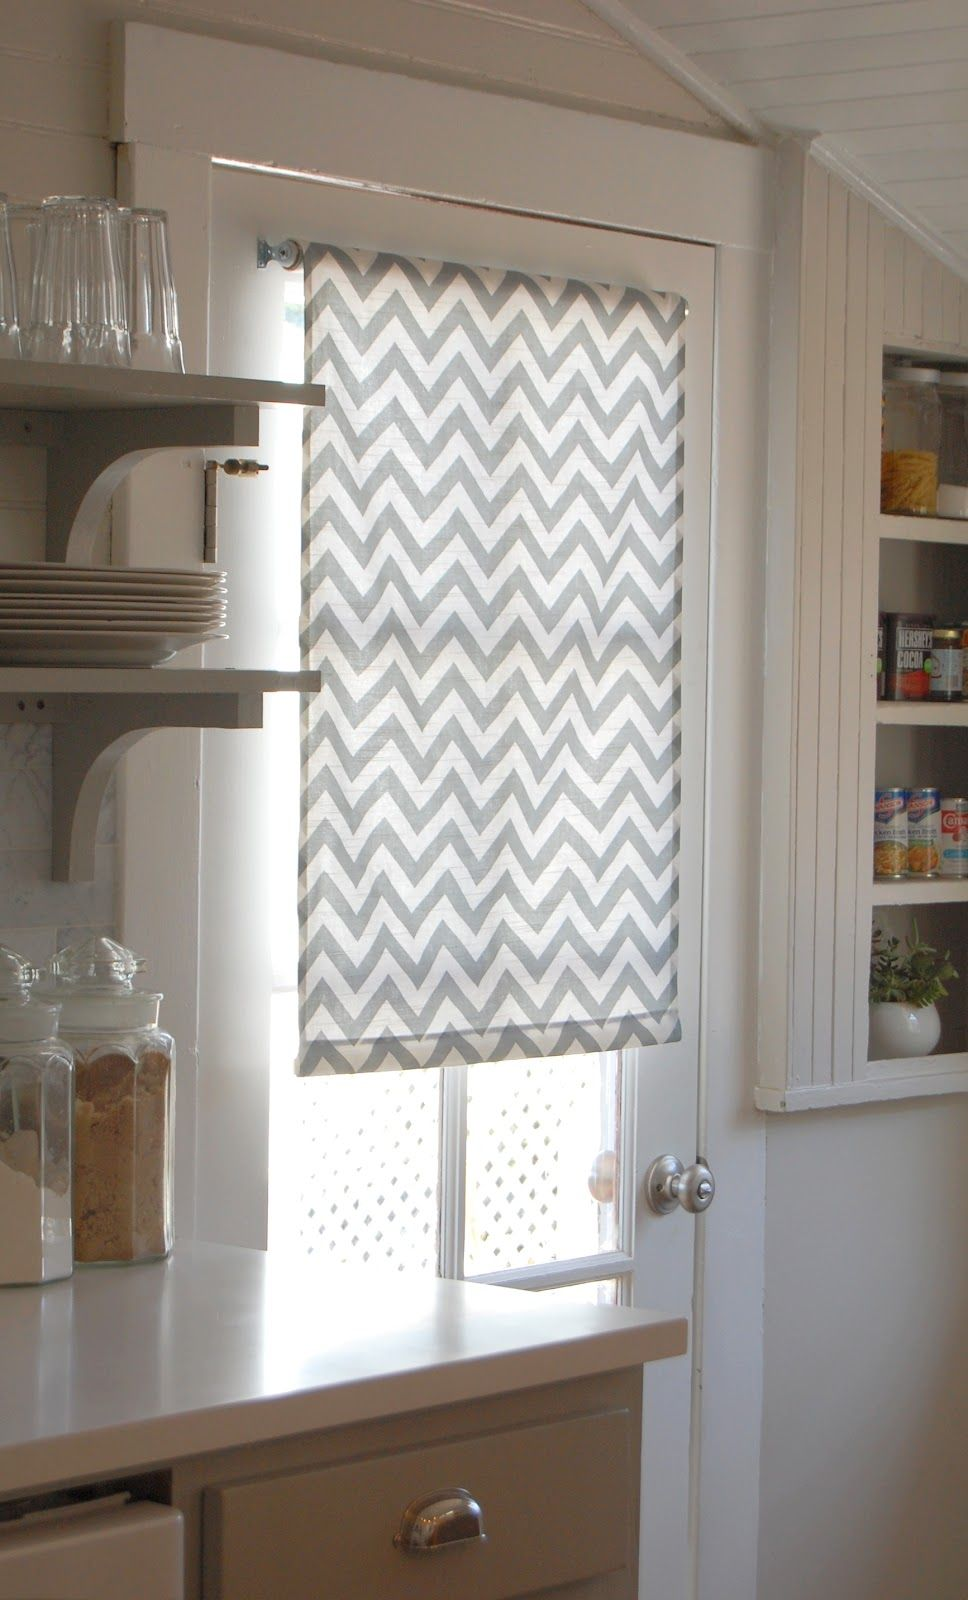 Door window coverings   best door window covering images on pinterest  windows bed room